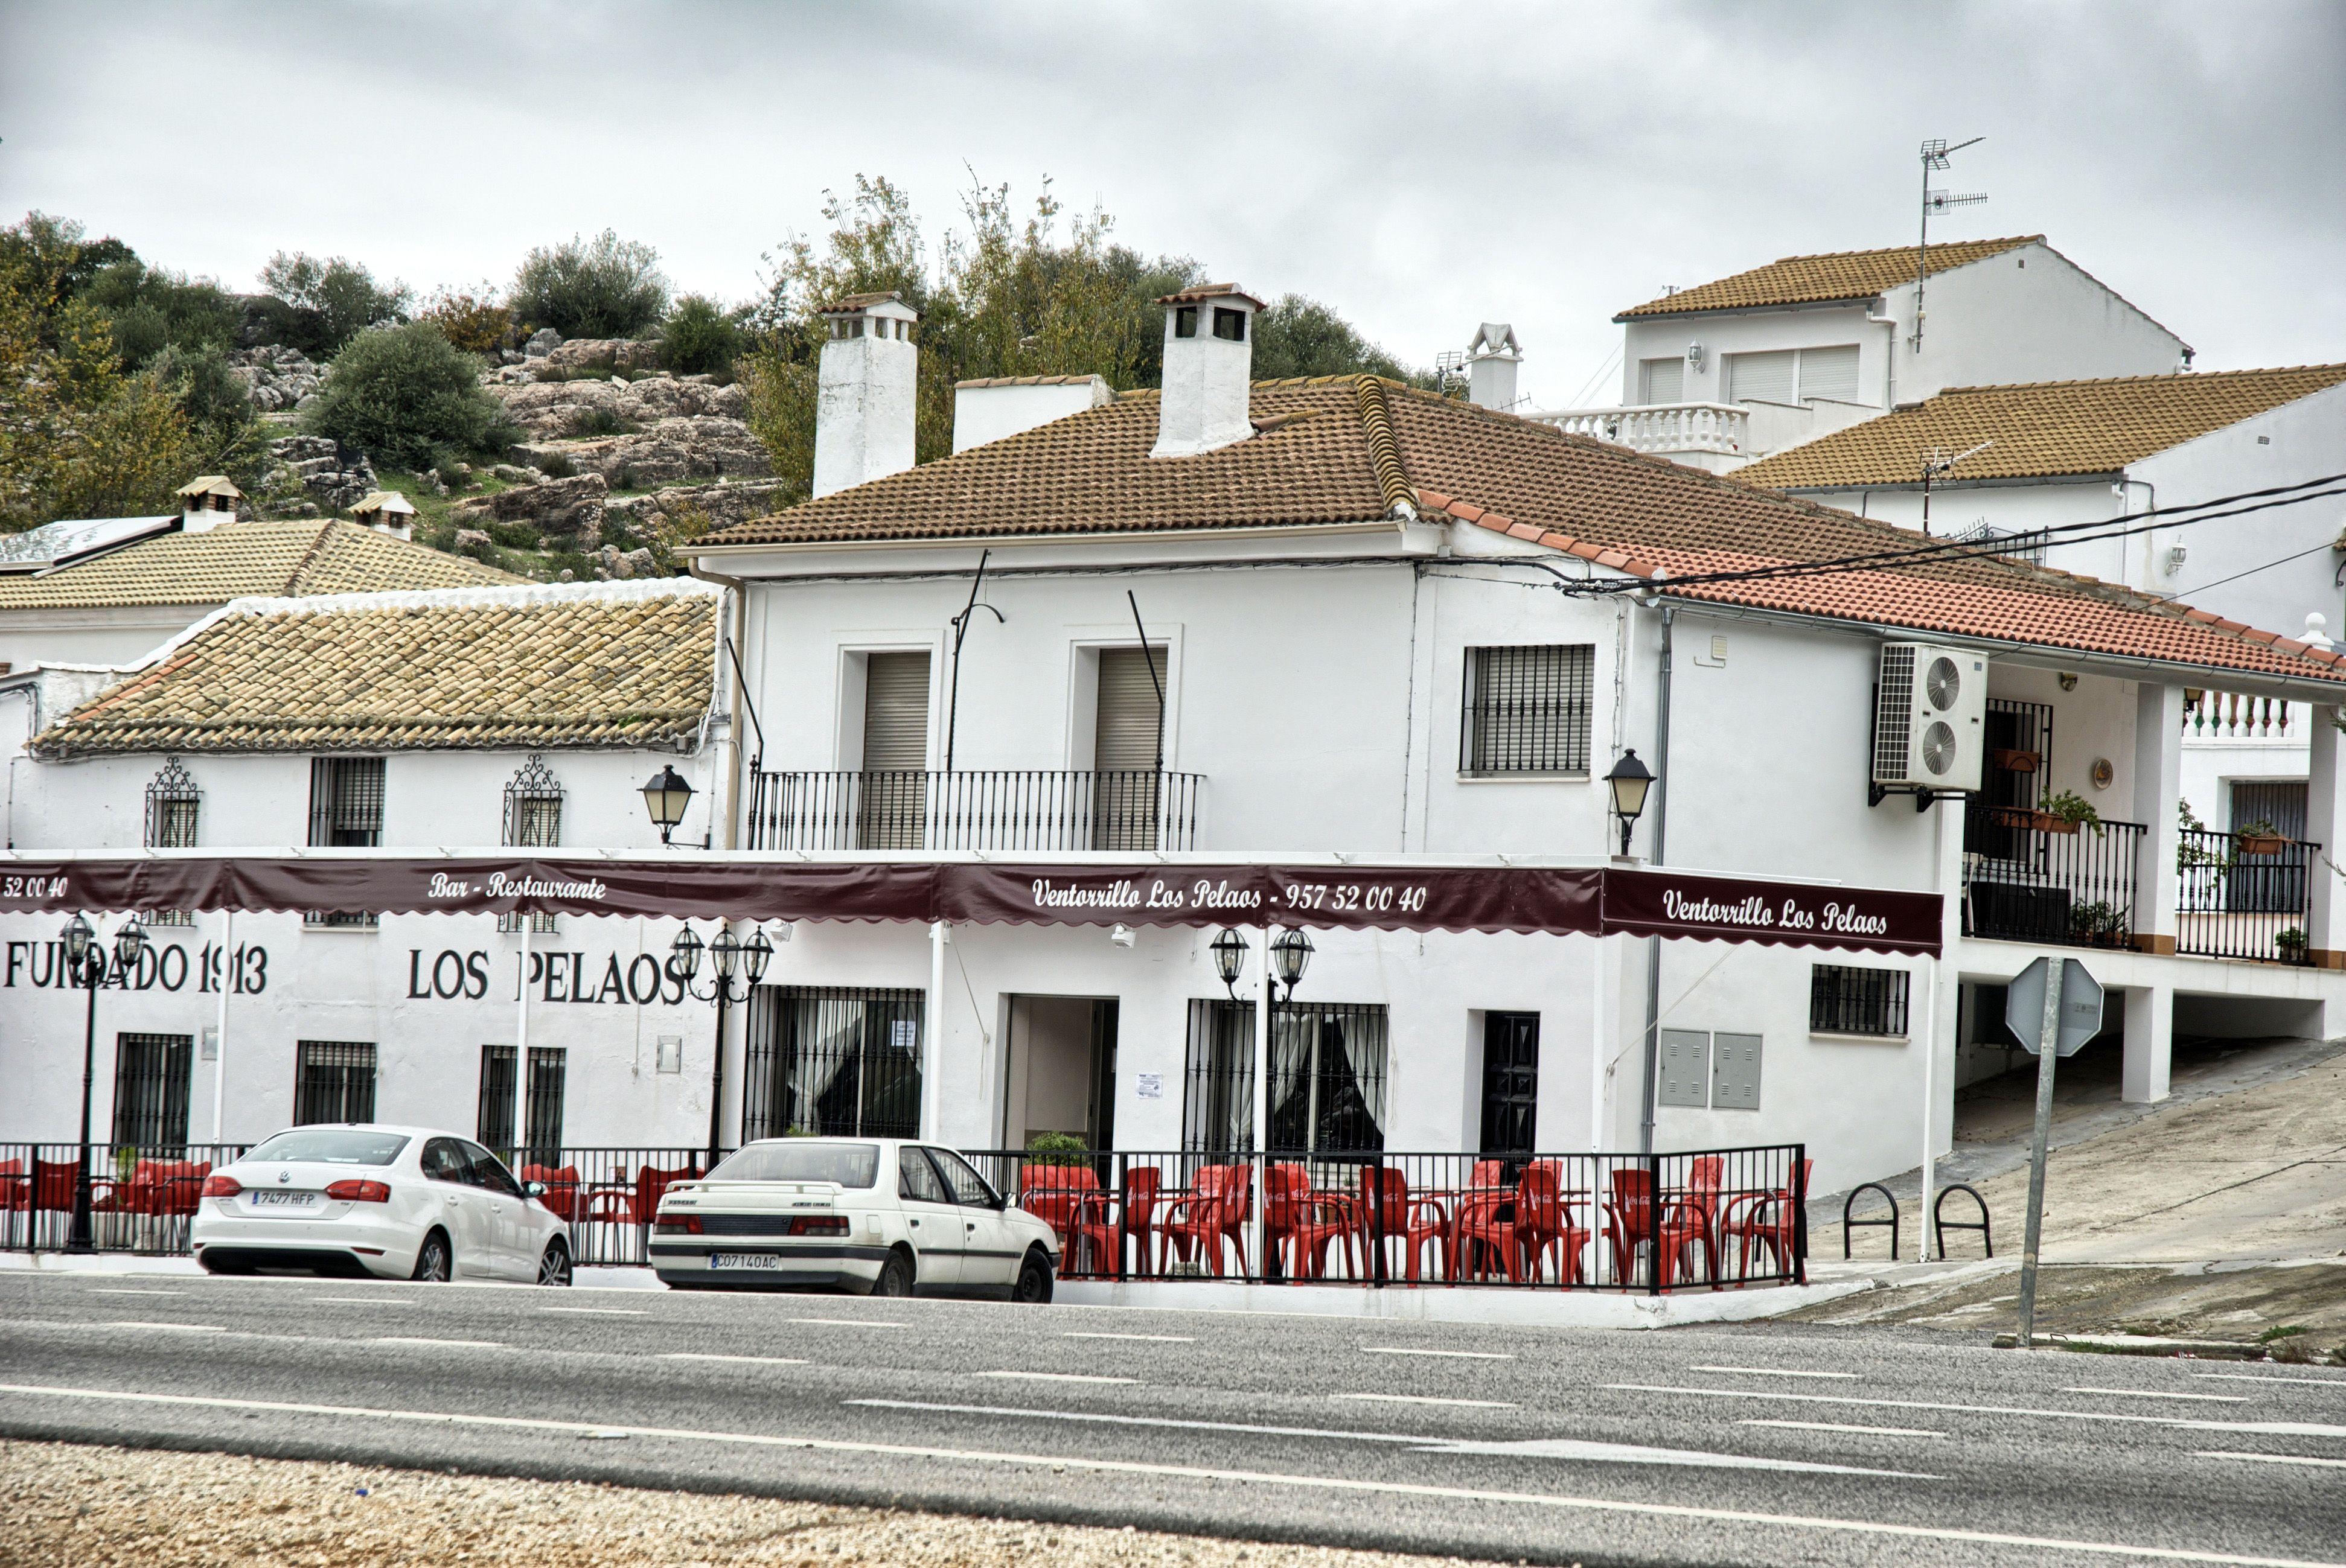 Fachada de este restaurante, que aunque tiene nueva dirección, fué inaugurado en 1913, es decir, un restaurante de toda la vida